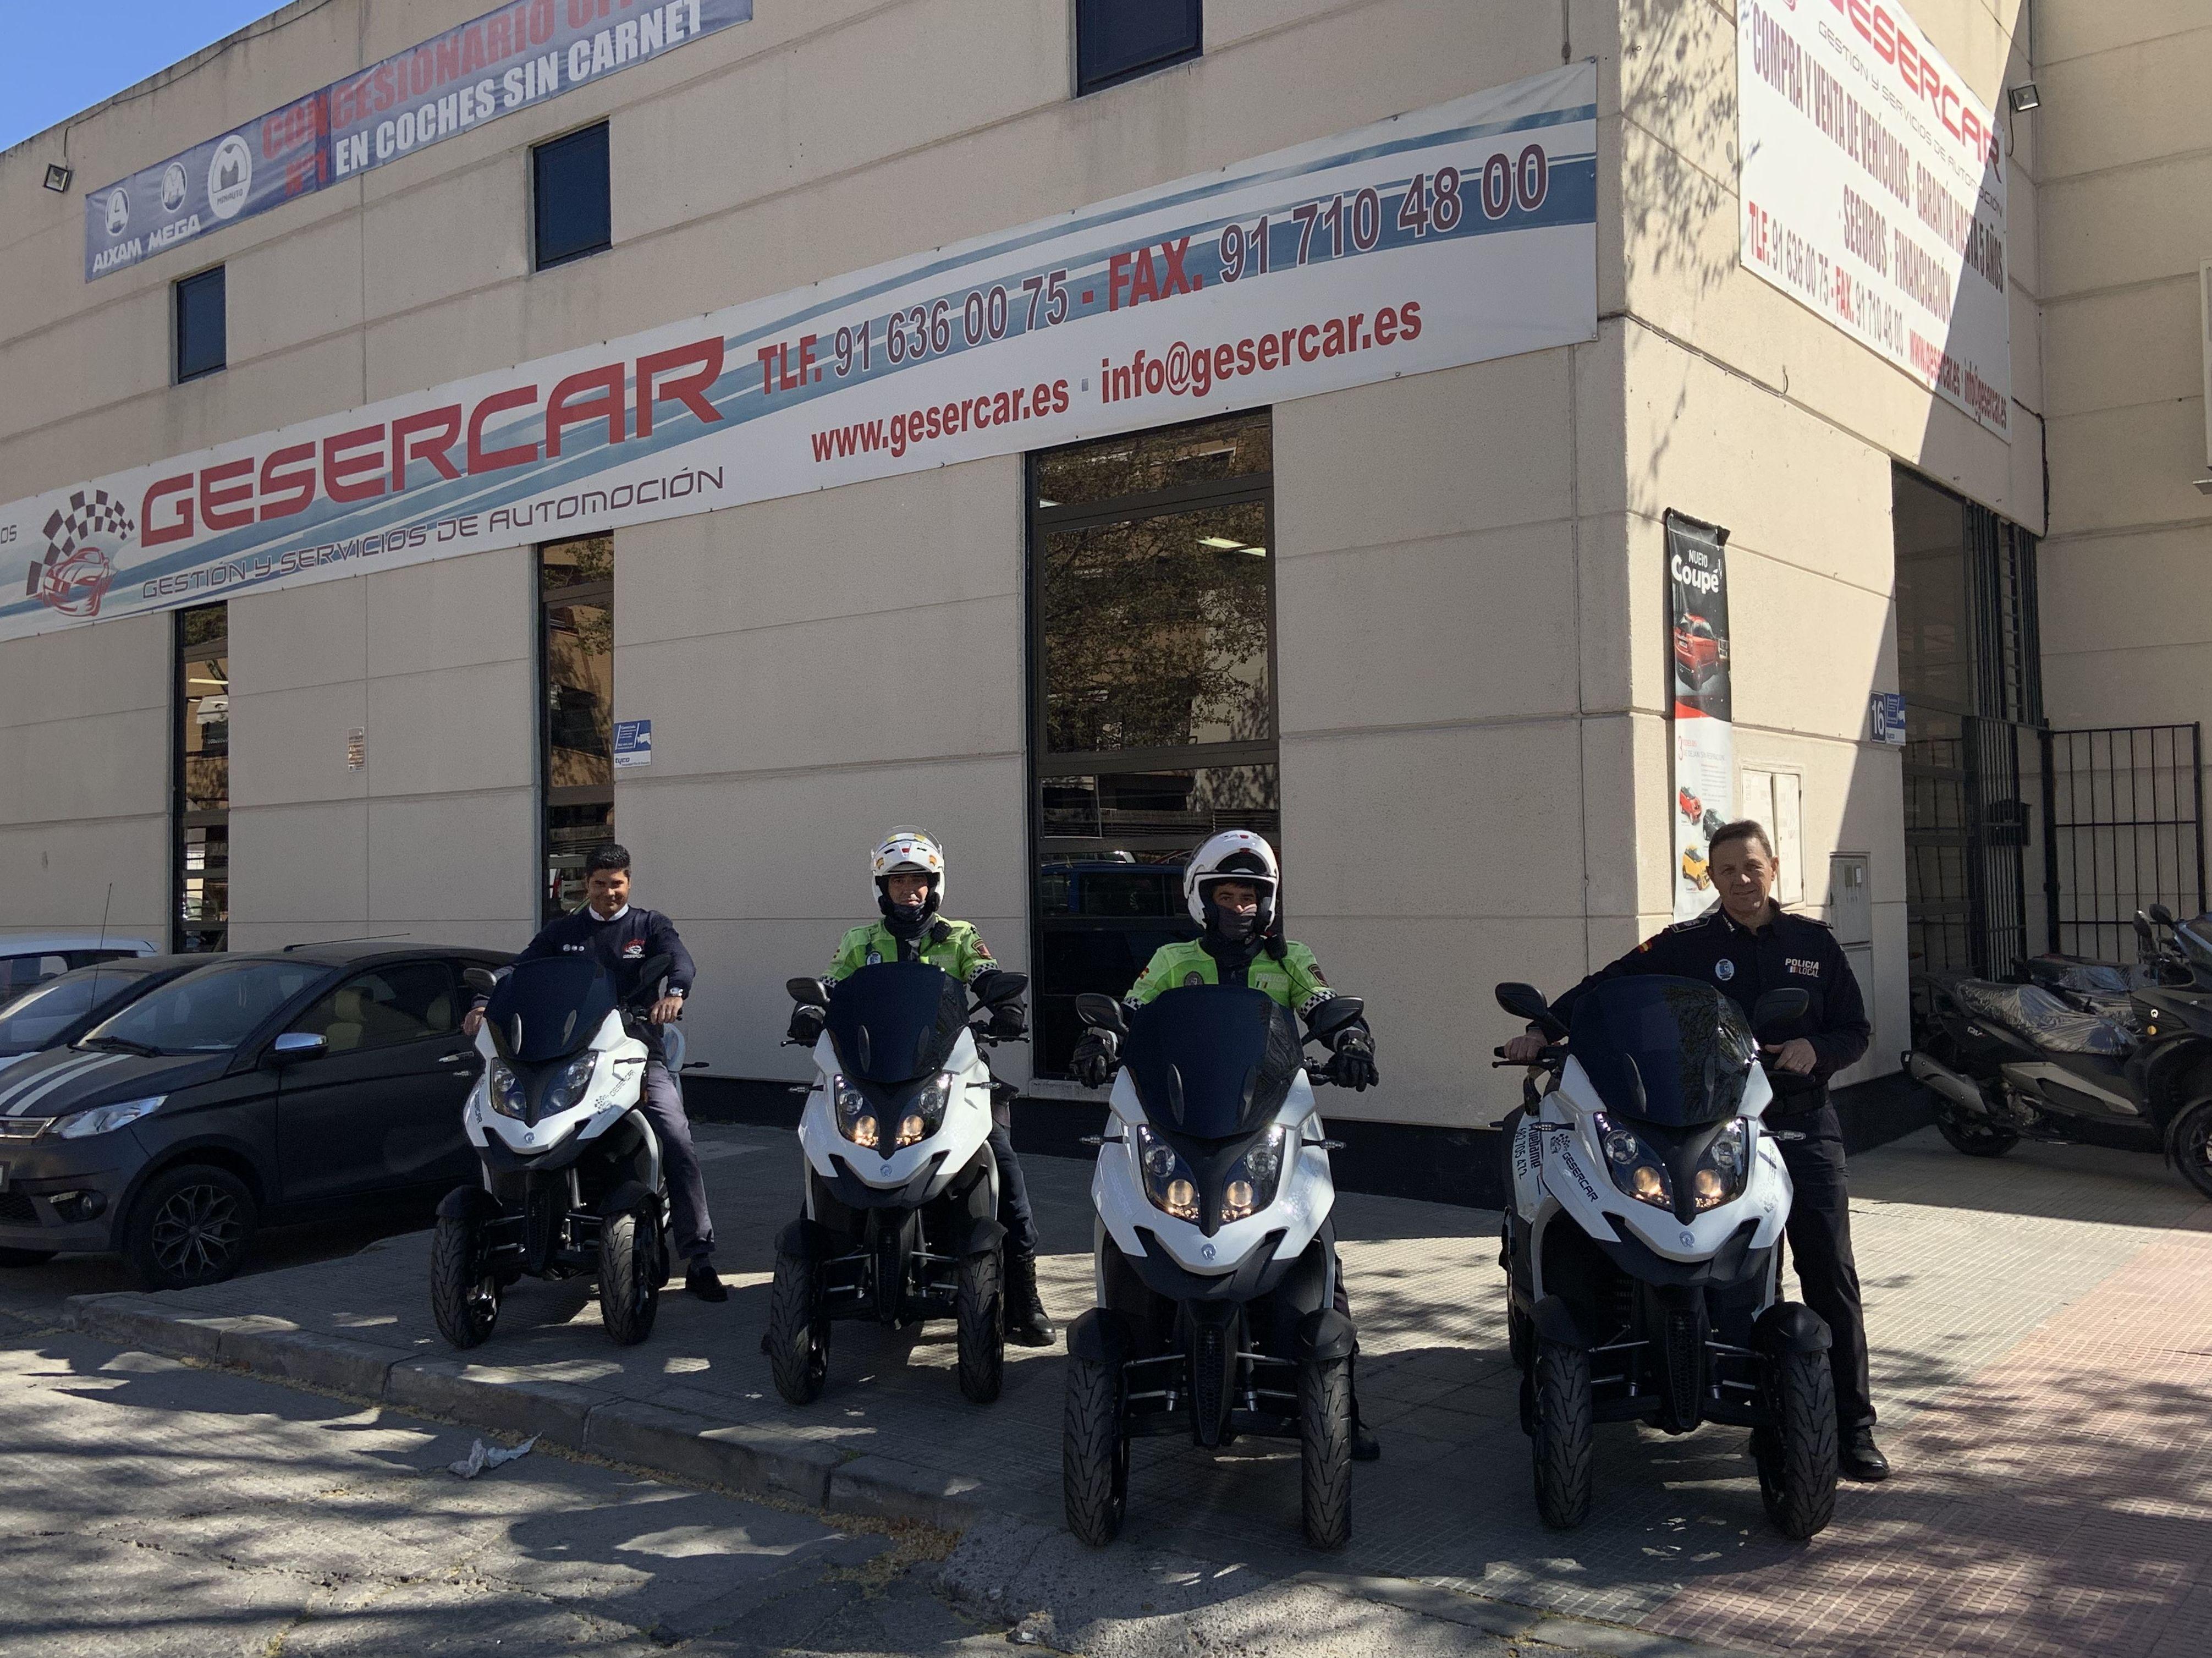 Gesercar y Policia de Las Rozas